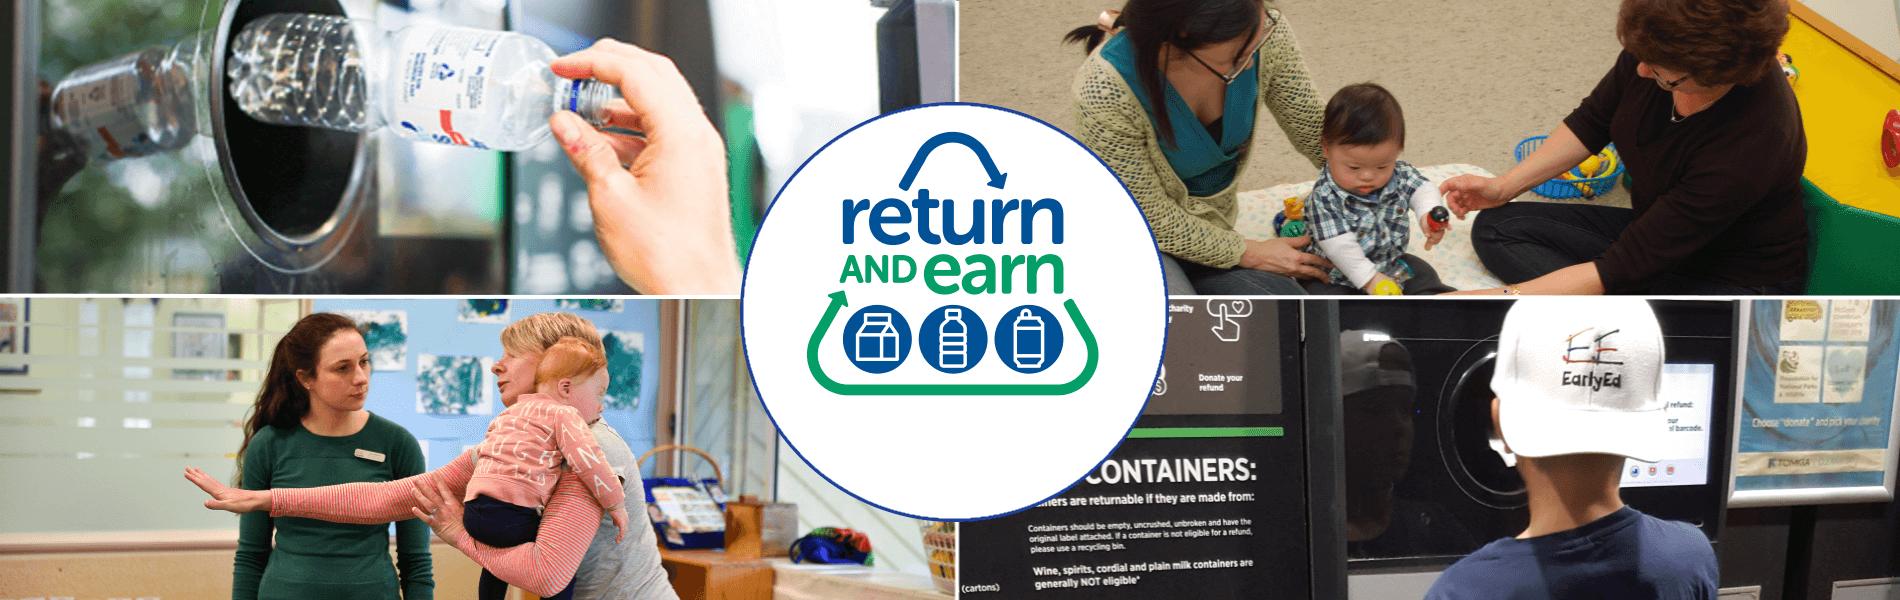 return and earn